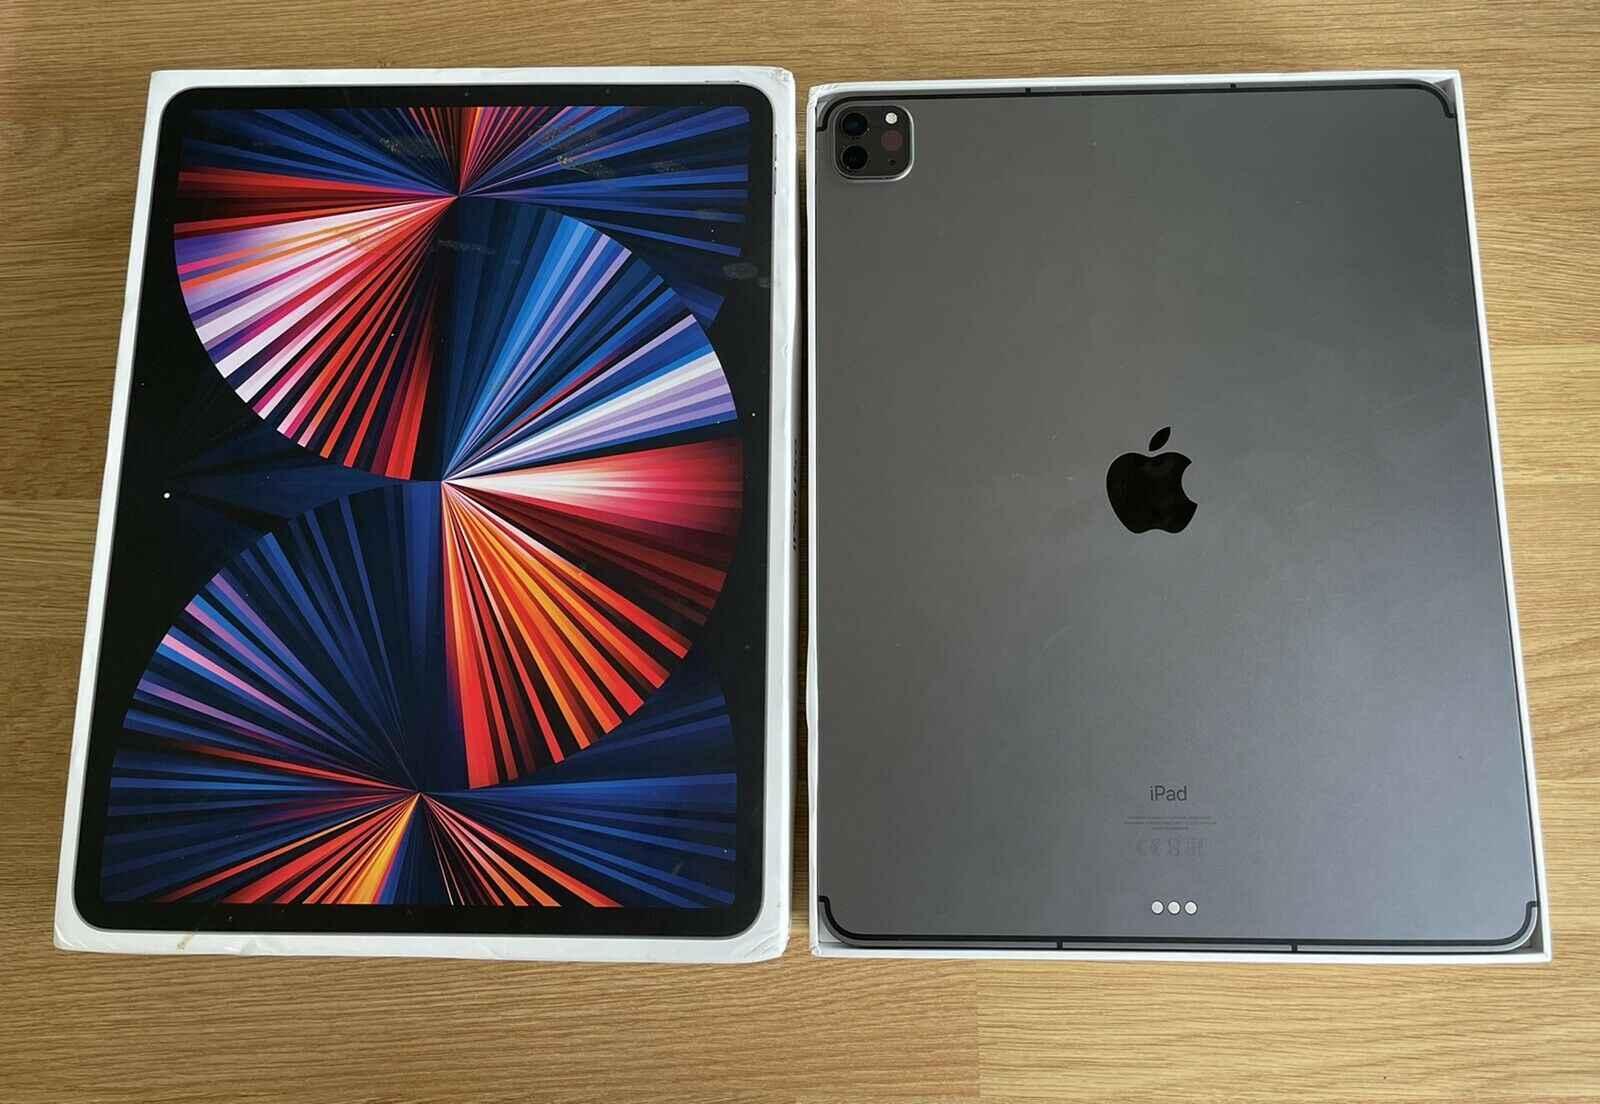 Apple iPad Pro 12.9 inch 5th Gen  M1 chip 2021 model Wi-Fi + Cellular Białołęka - zdjęcie 1